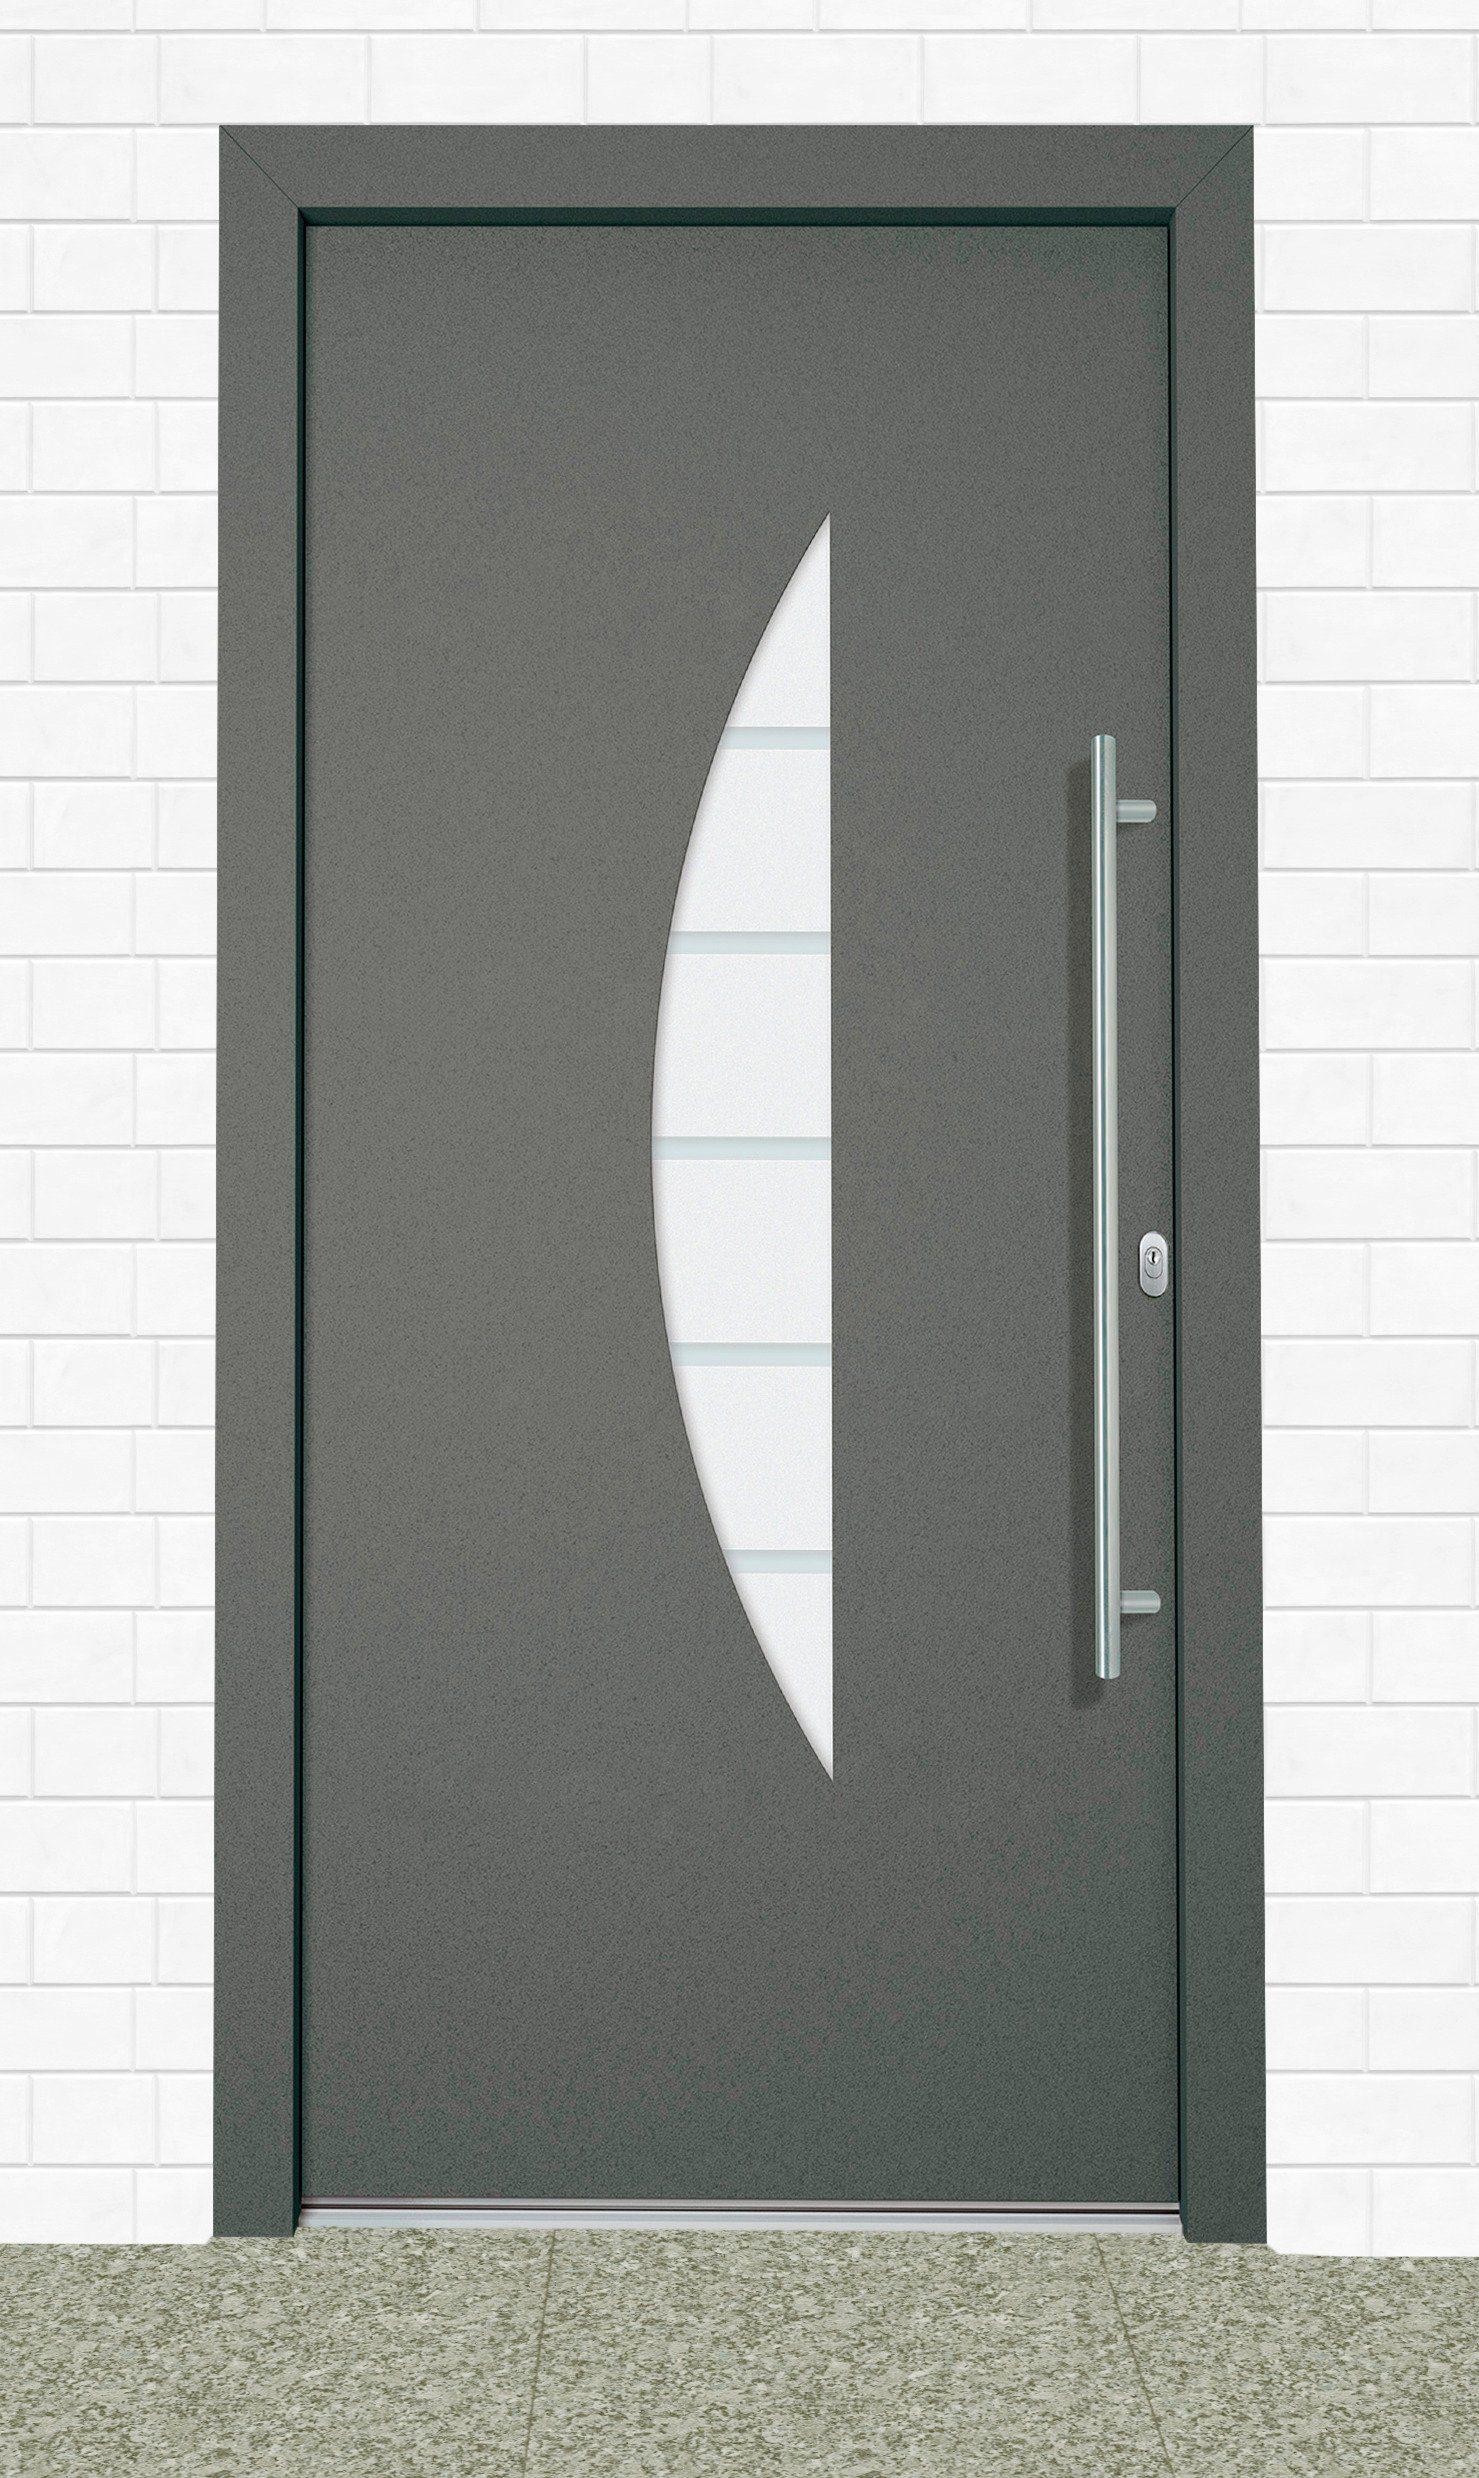 Roro Aluminium-Haustür »Malta« BxH: 110 x 210 cm, anthrazit